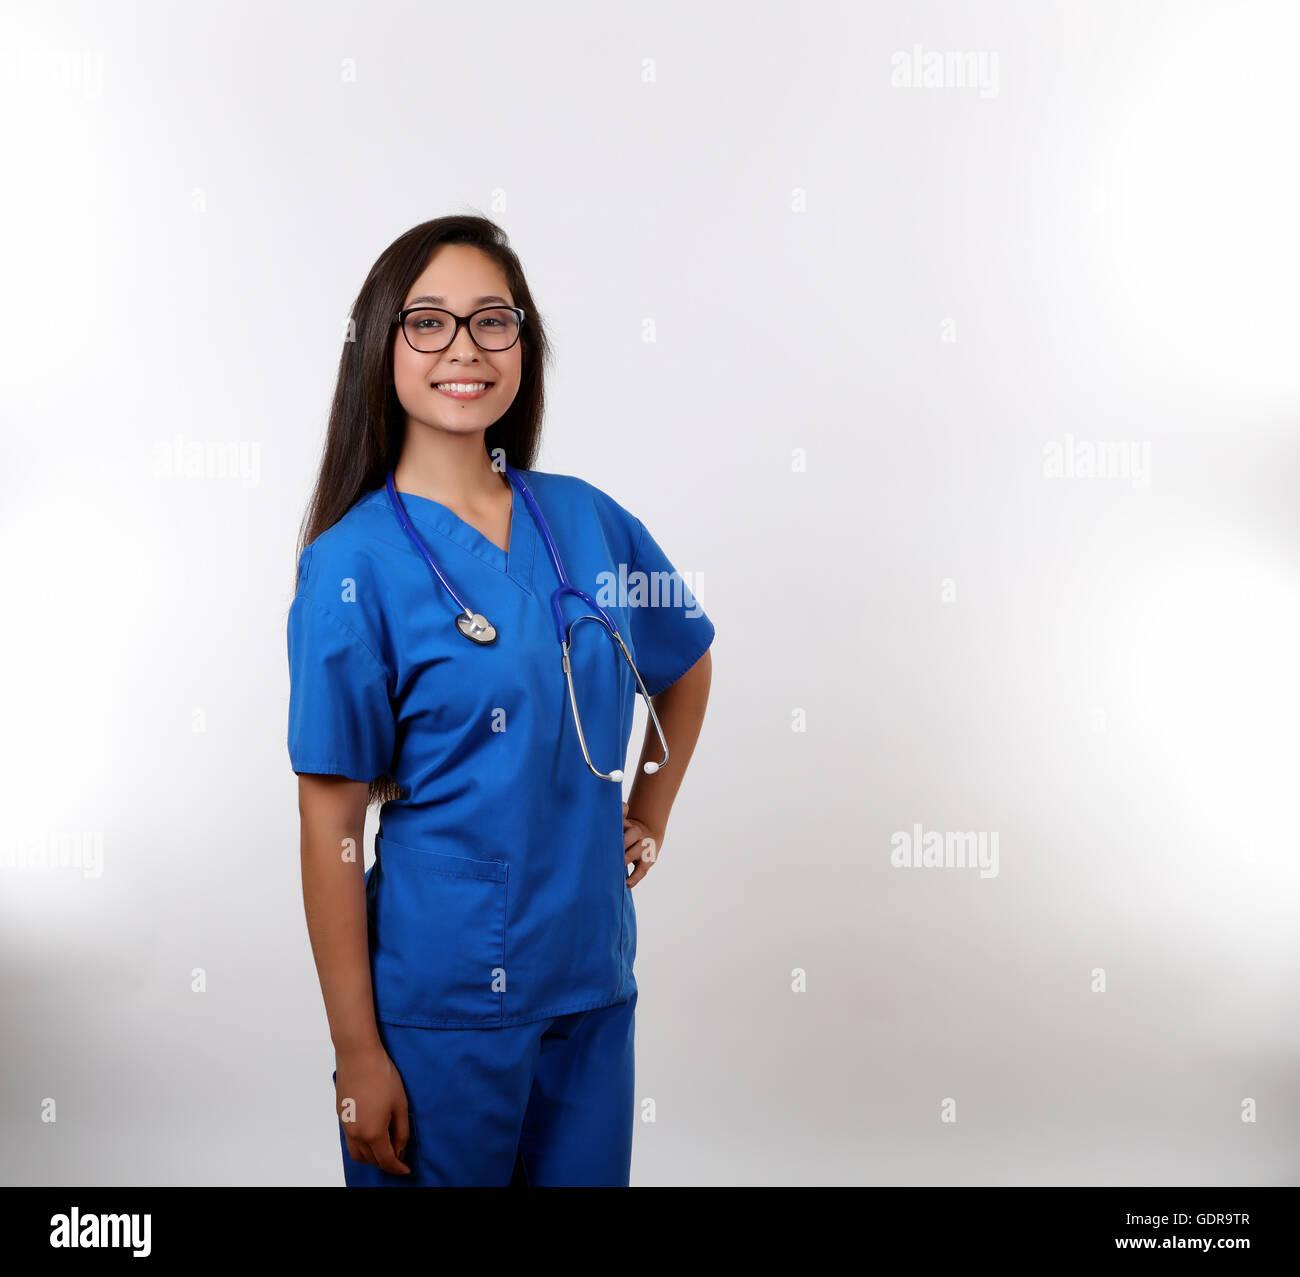 A latina nurse in blue scrubs. Stock Photo